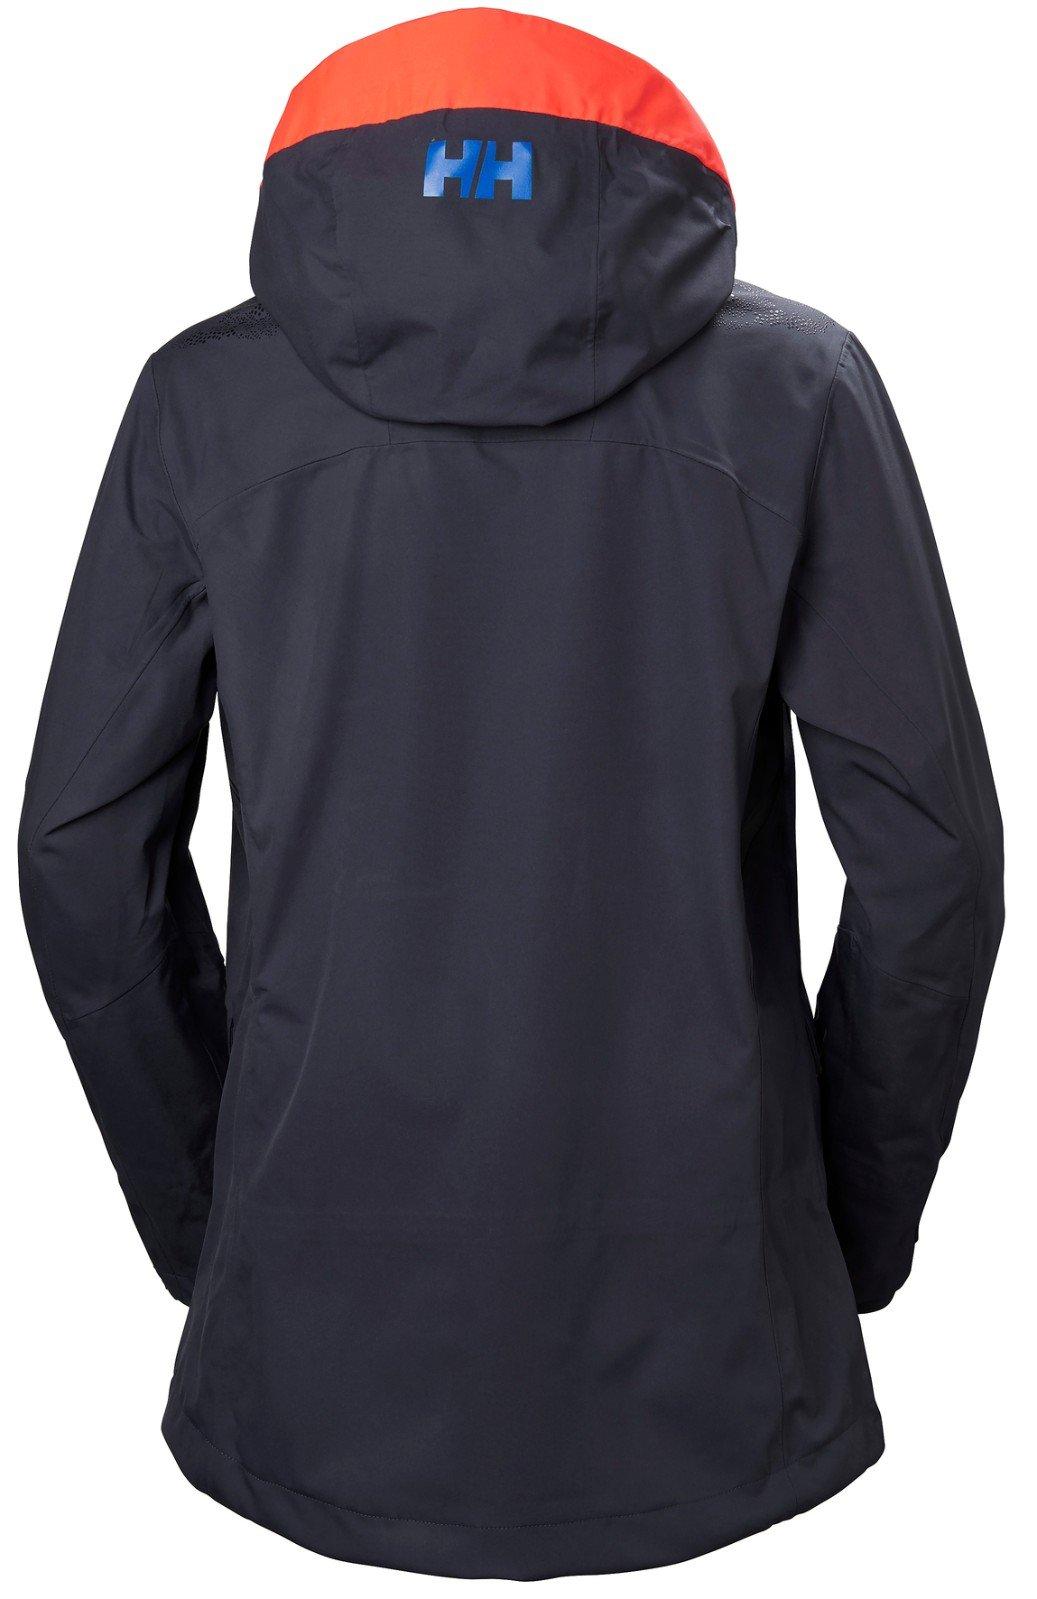 Helly Hansen Women's Aurora 2.0 Waterproof Shell Ski Jacket, Graphite Blue, Large by Helly Hansen (Image #1)